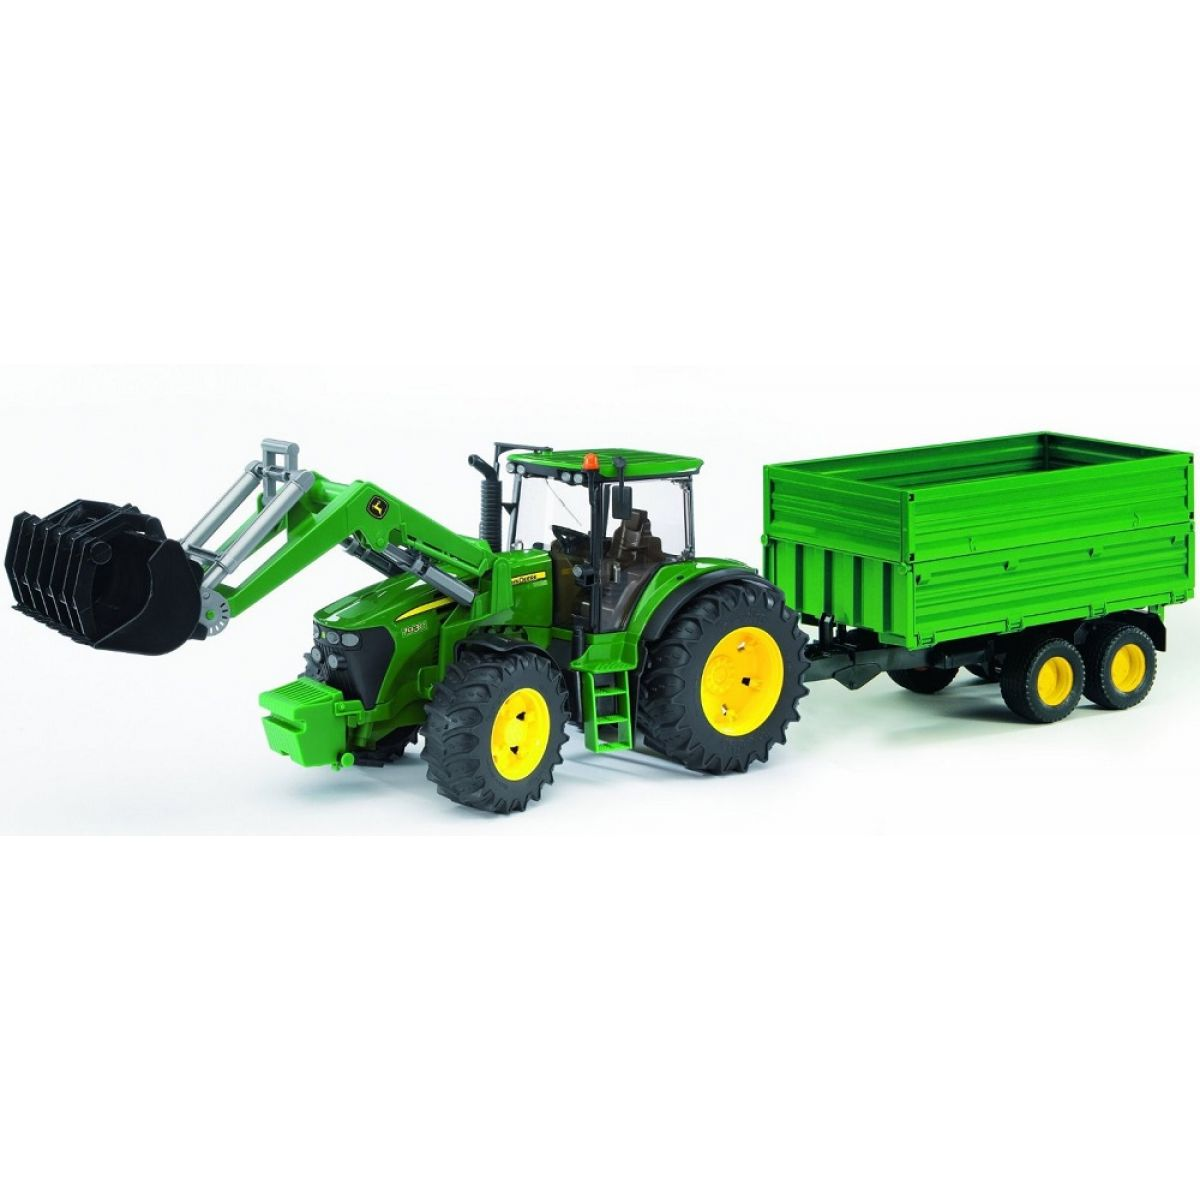 Bruder 03055 Traktor John Deere 7930 + vůz - Poškozený obal